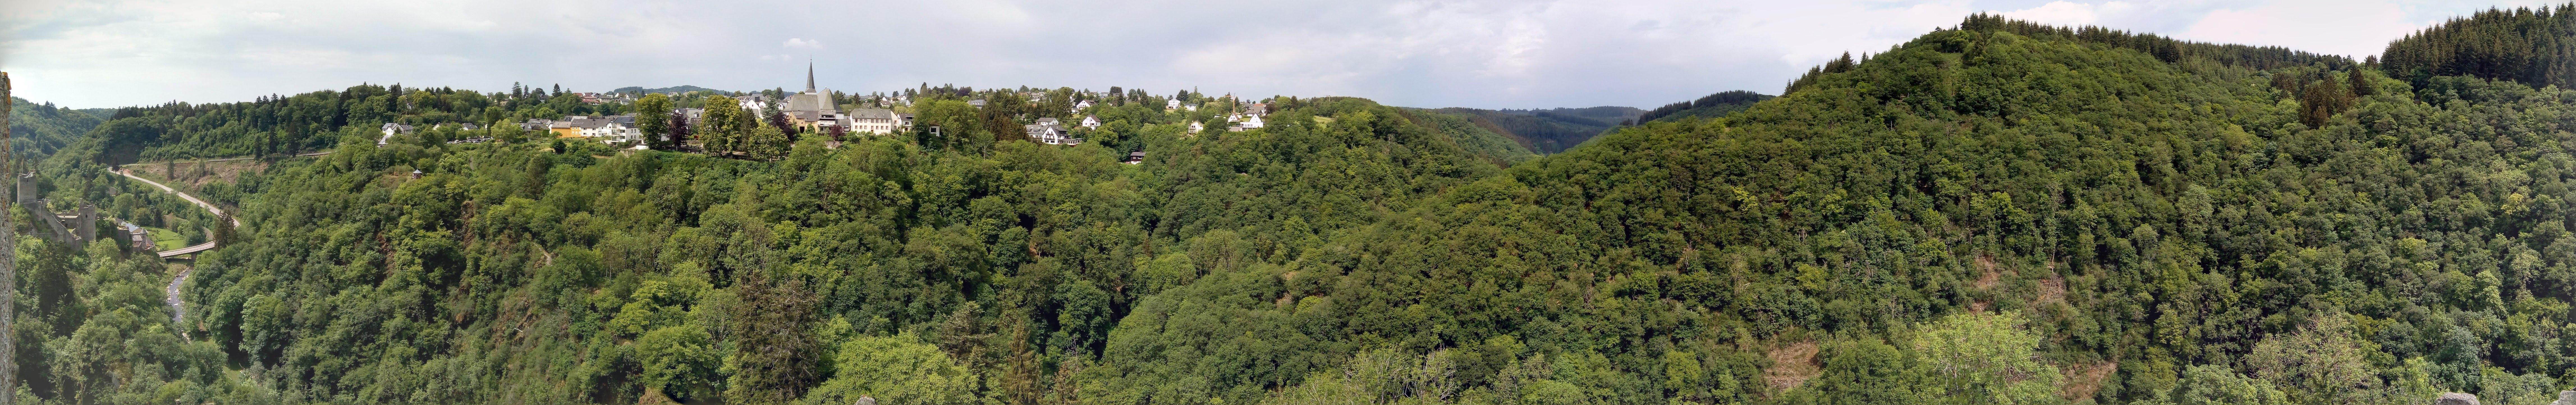 Panorama uitzicht vanaf Manderscheid burcht